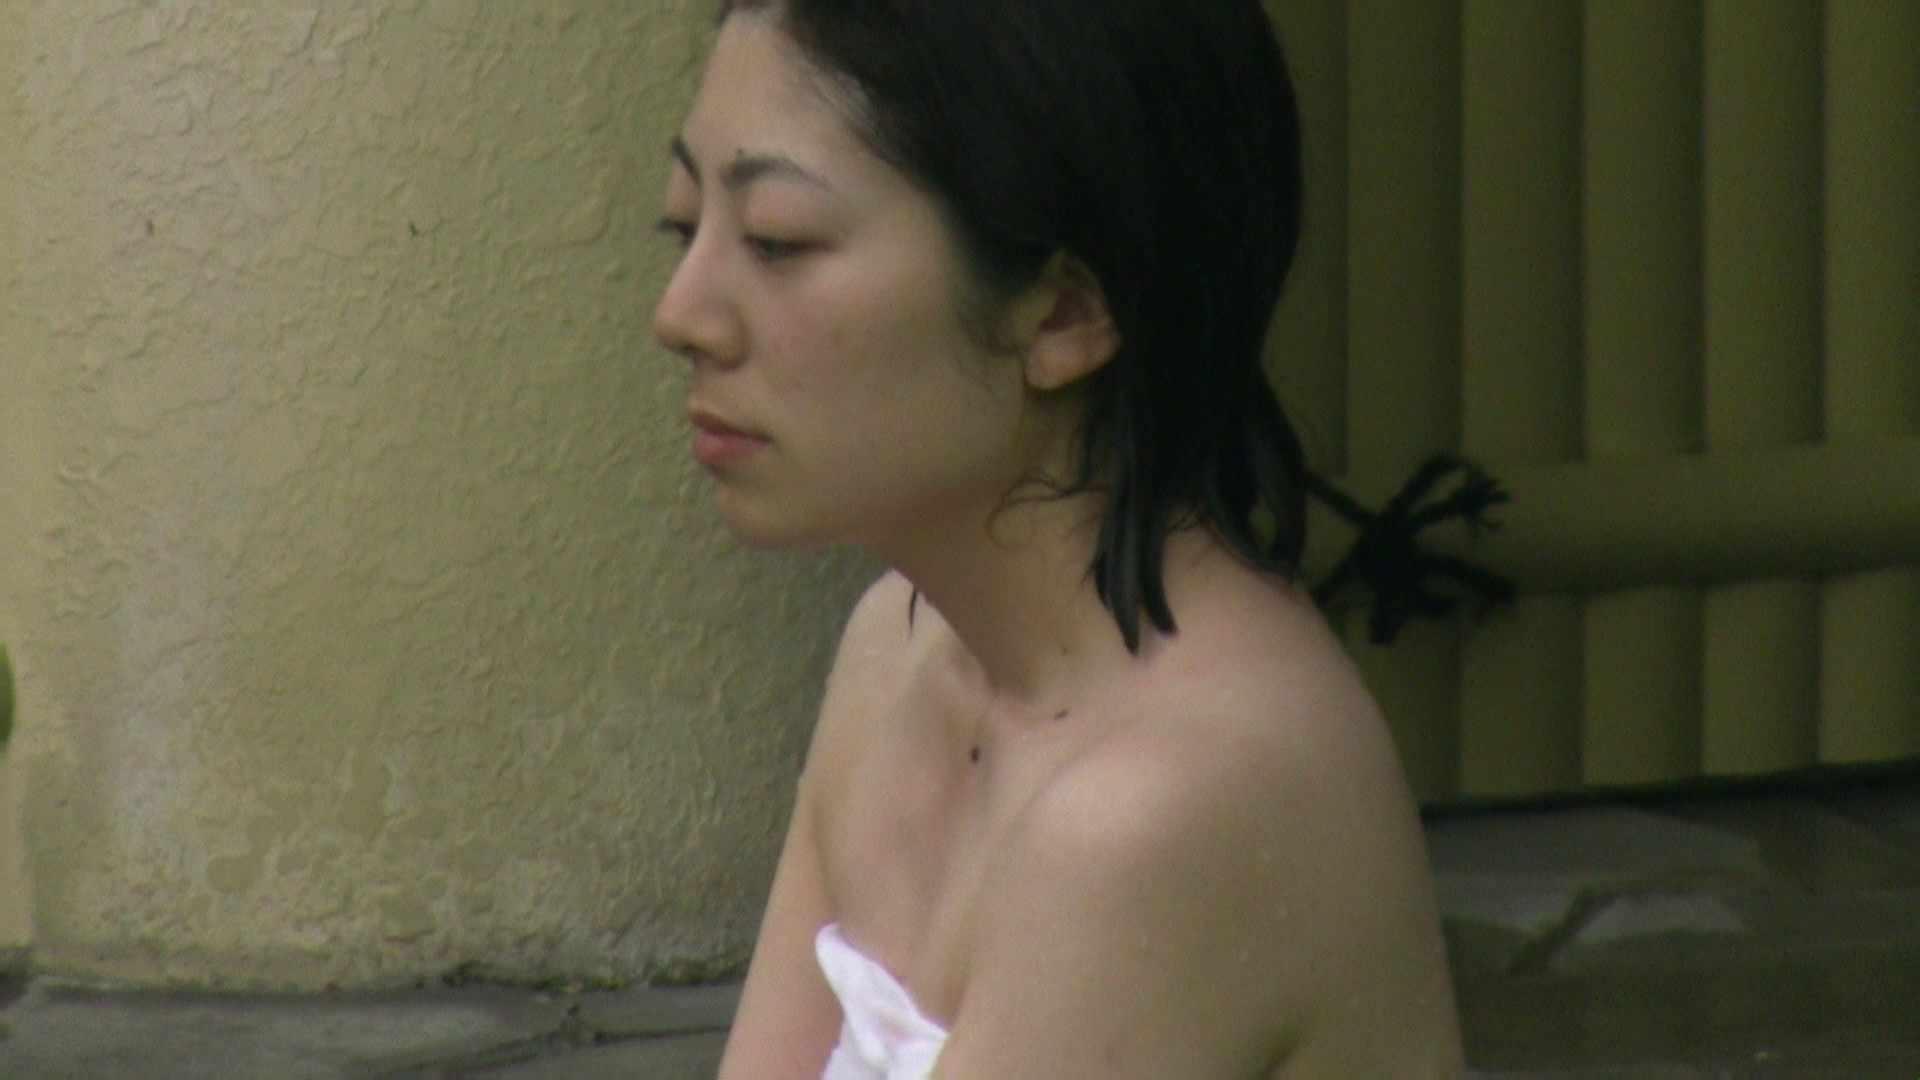 Aquaな露天風呂Vol.04 OLのエロ生活  32連発 15